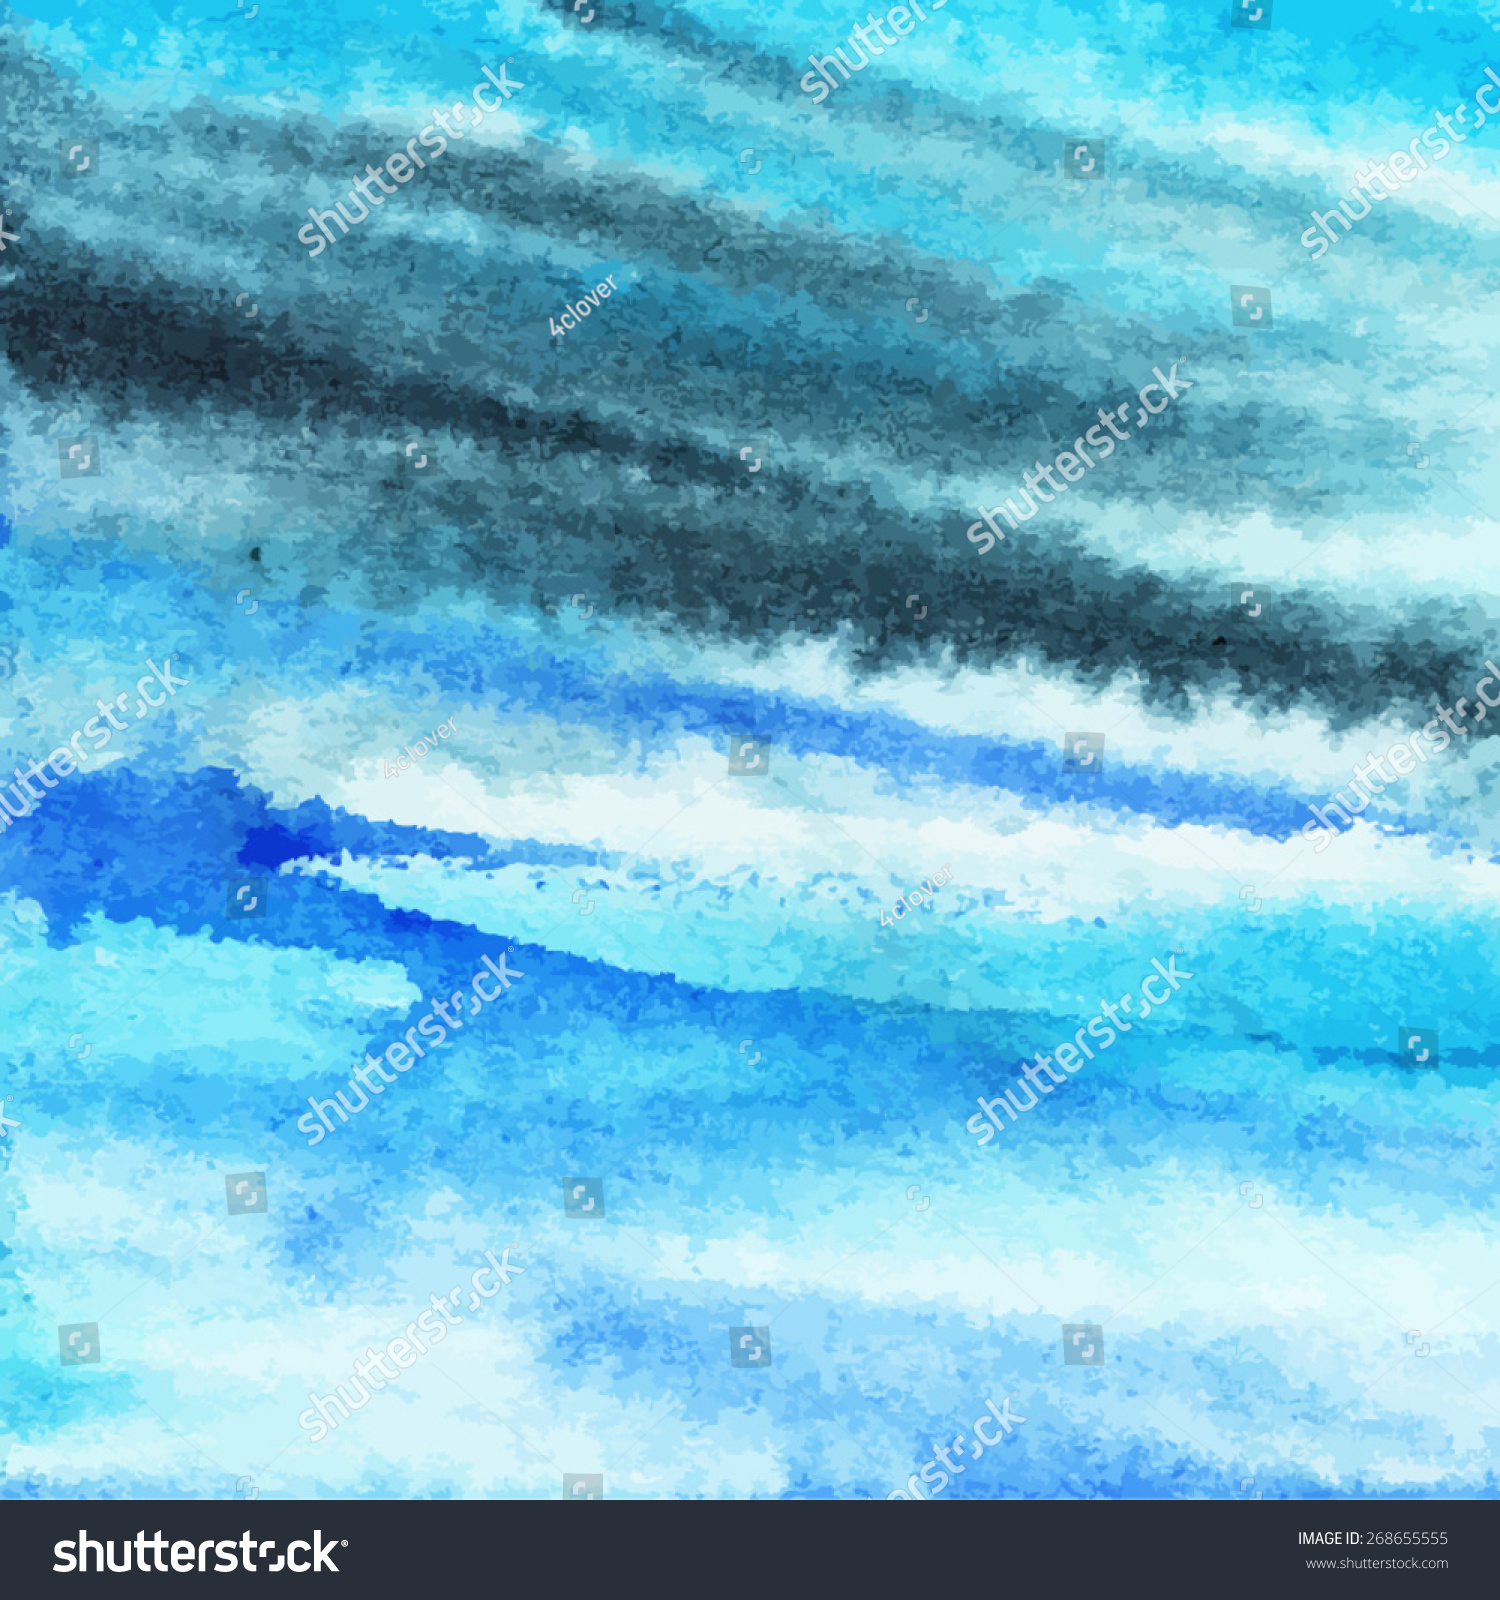 夏天抽象背景part1 /污渍,线,模糊,梯度/海滩/海/海洋图片